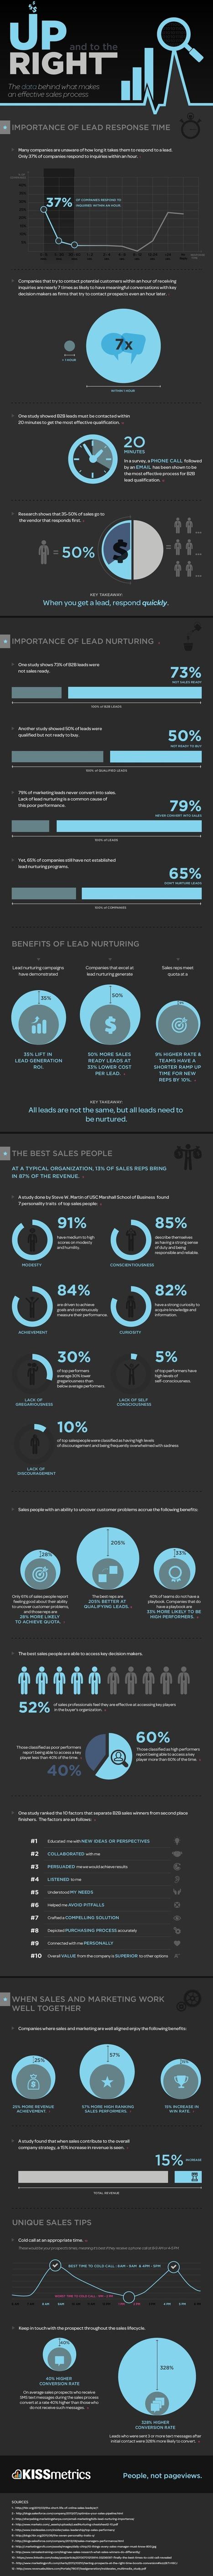 ¿Qué hace que un proceso de ventas sea efectiva? [Infografía] | Marketing y ventas B2B | Scoop.it